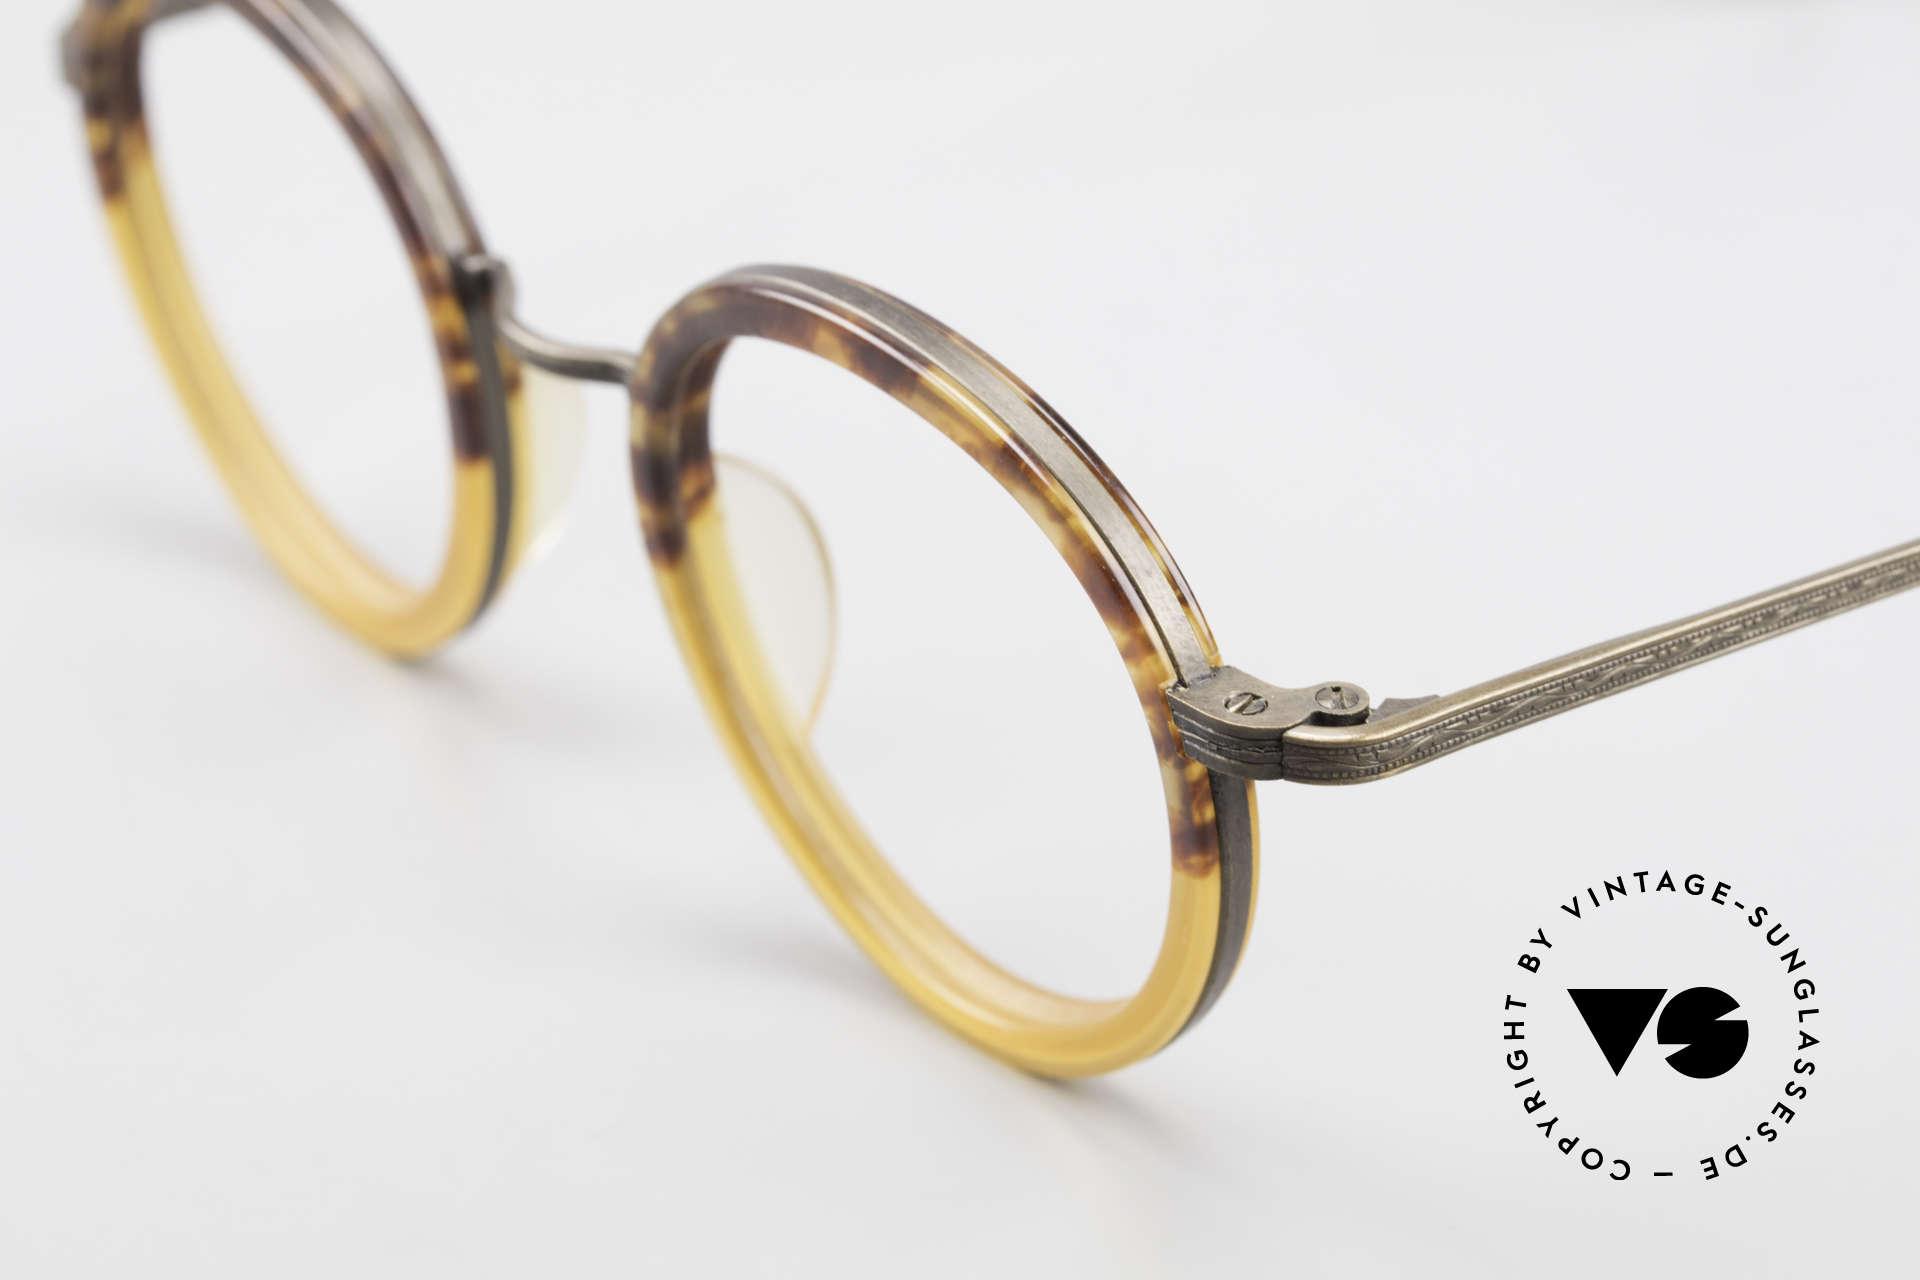 Beau Monde Rhodes Runde Alte Vintage Brille 90er, Fertigung mit den gleichen Werkzeugen wie bei Matsuda, Passend für Herren und Damen